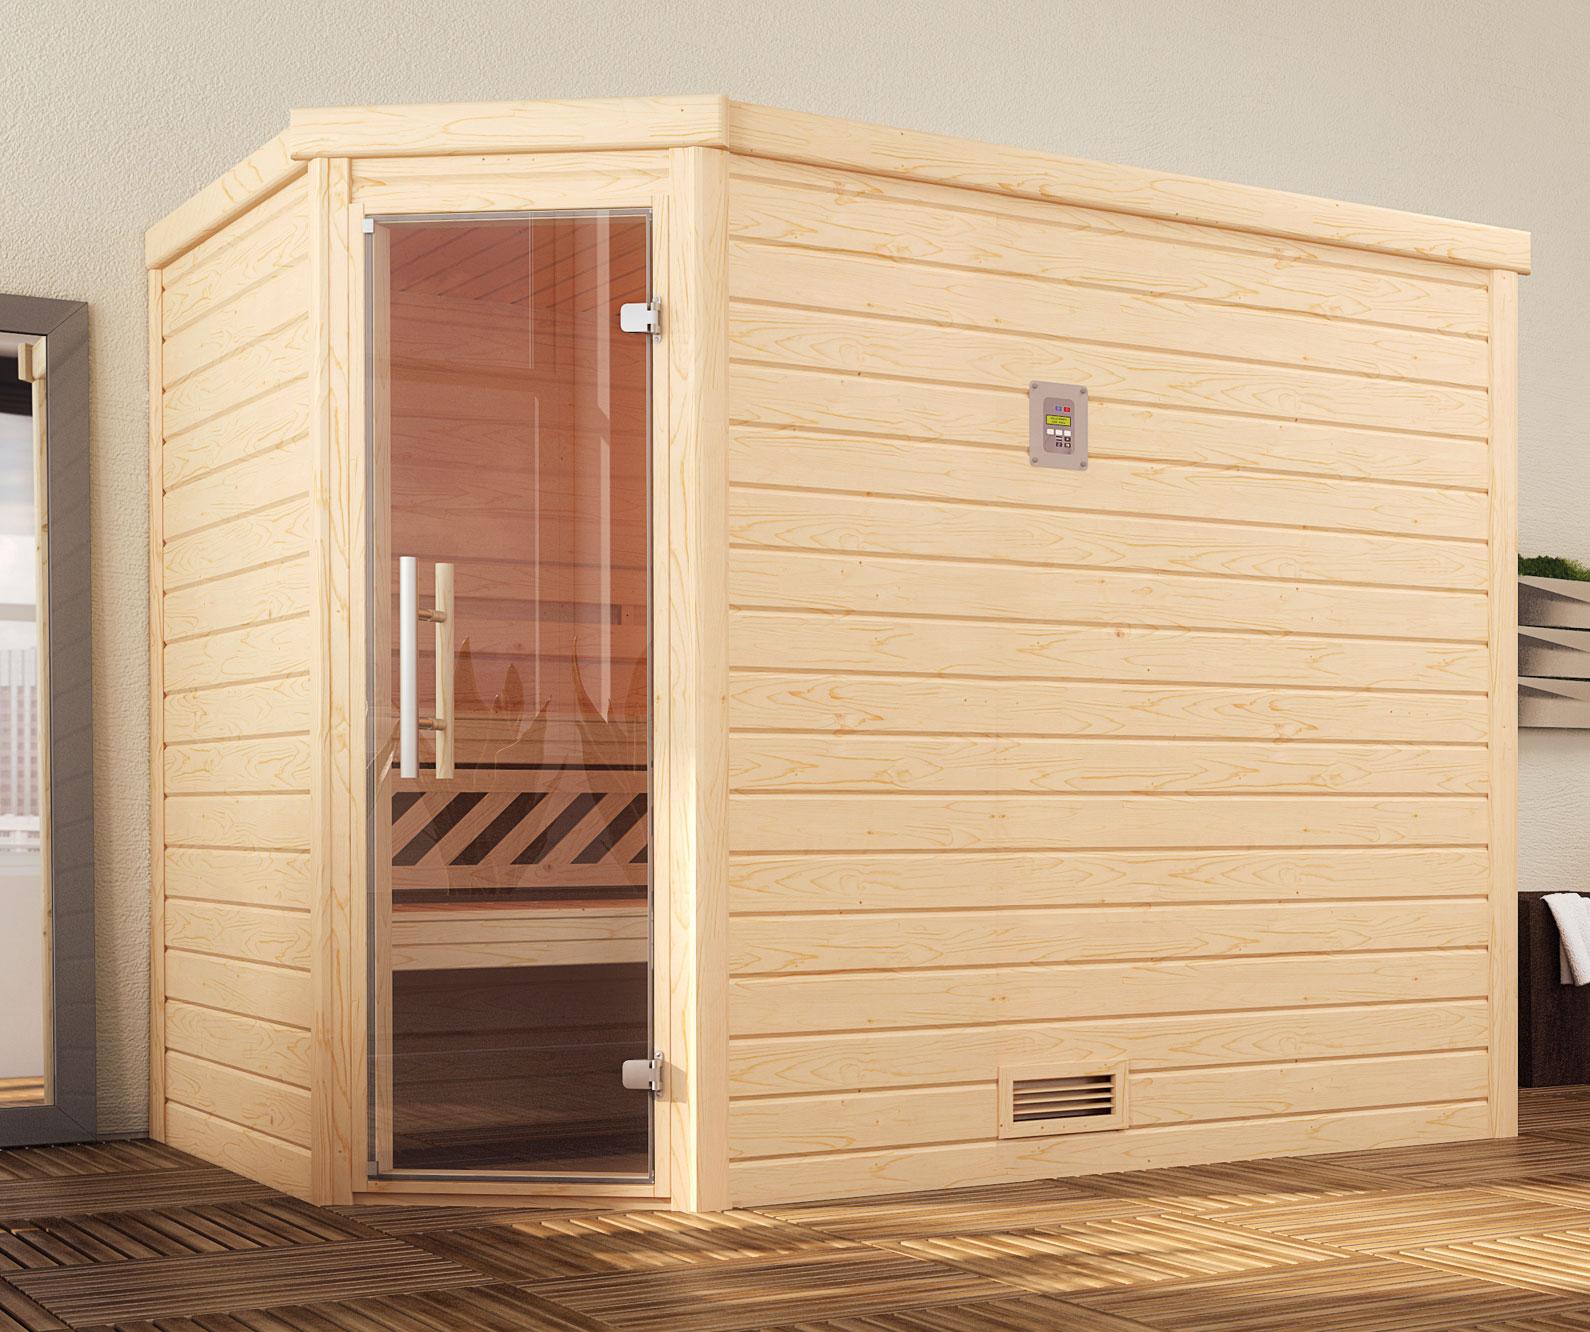 Weka Sauna Turku 3 45mm ohne Ofen mit Glastür Bild 1